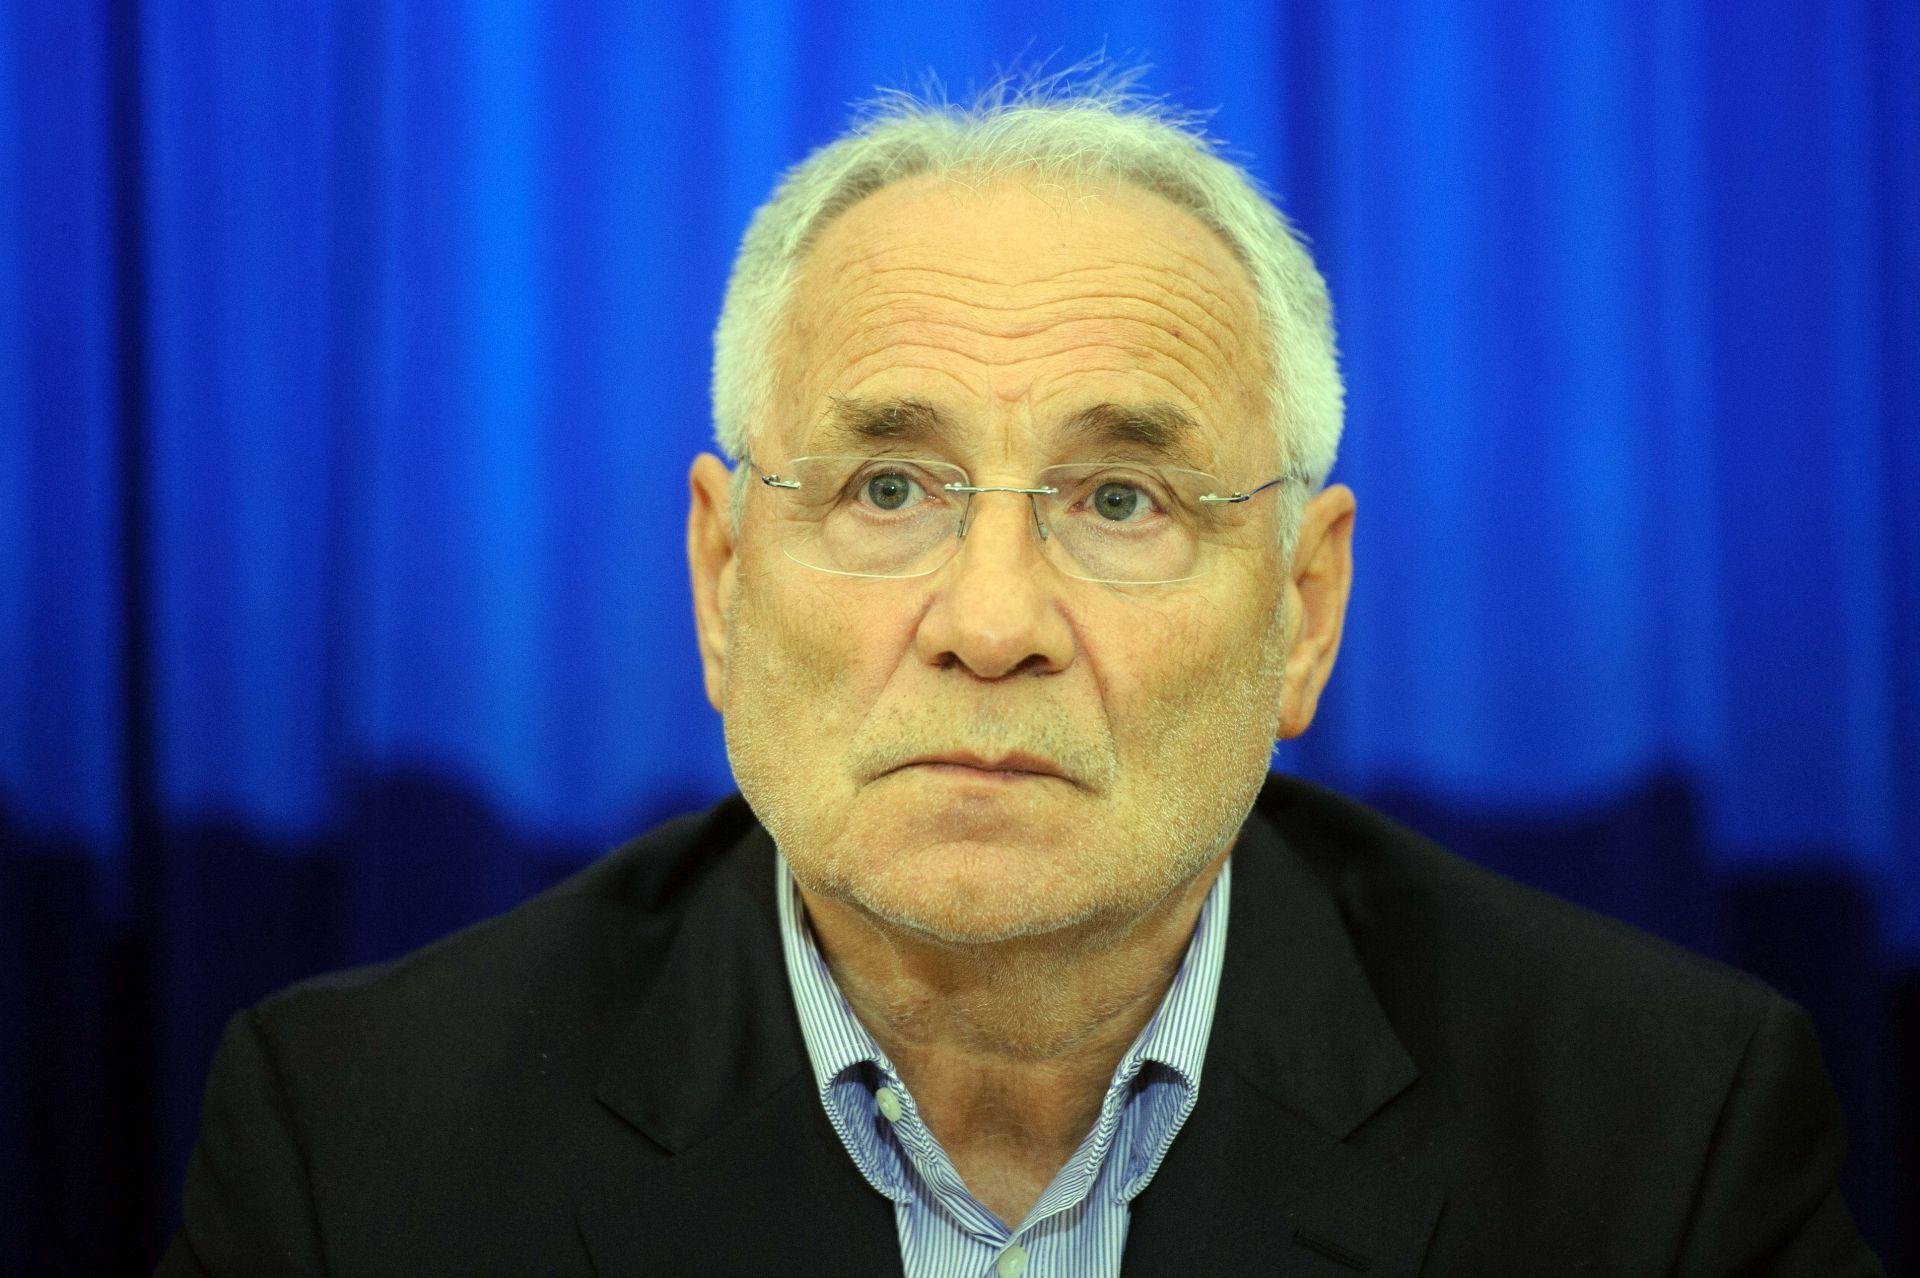 """POTREBNO SMIRIVANJE RETORIKE Vajgl: Postupak Hrvatske je """"ekstreman i demogoški"""""""